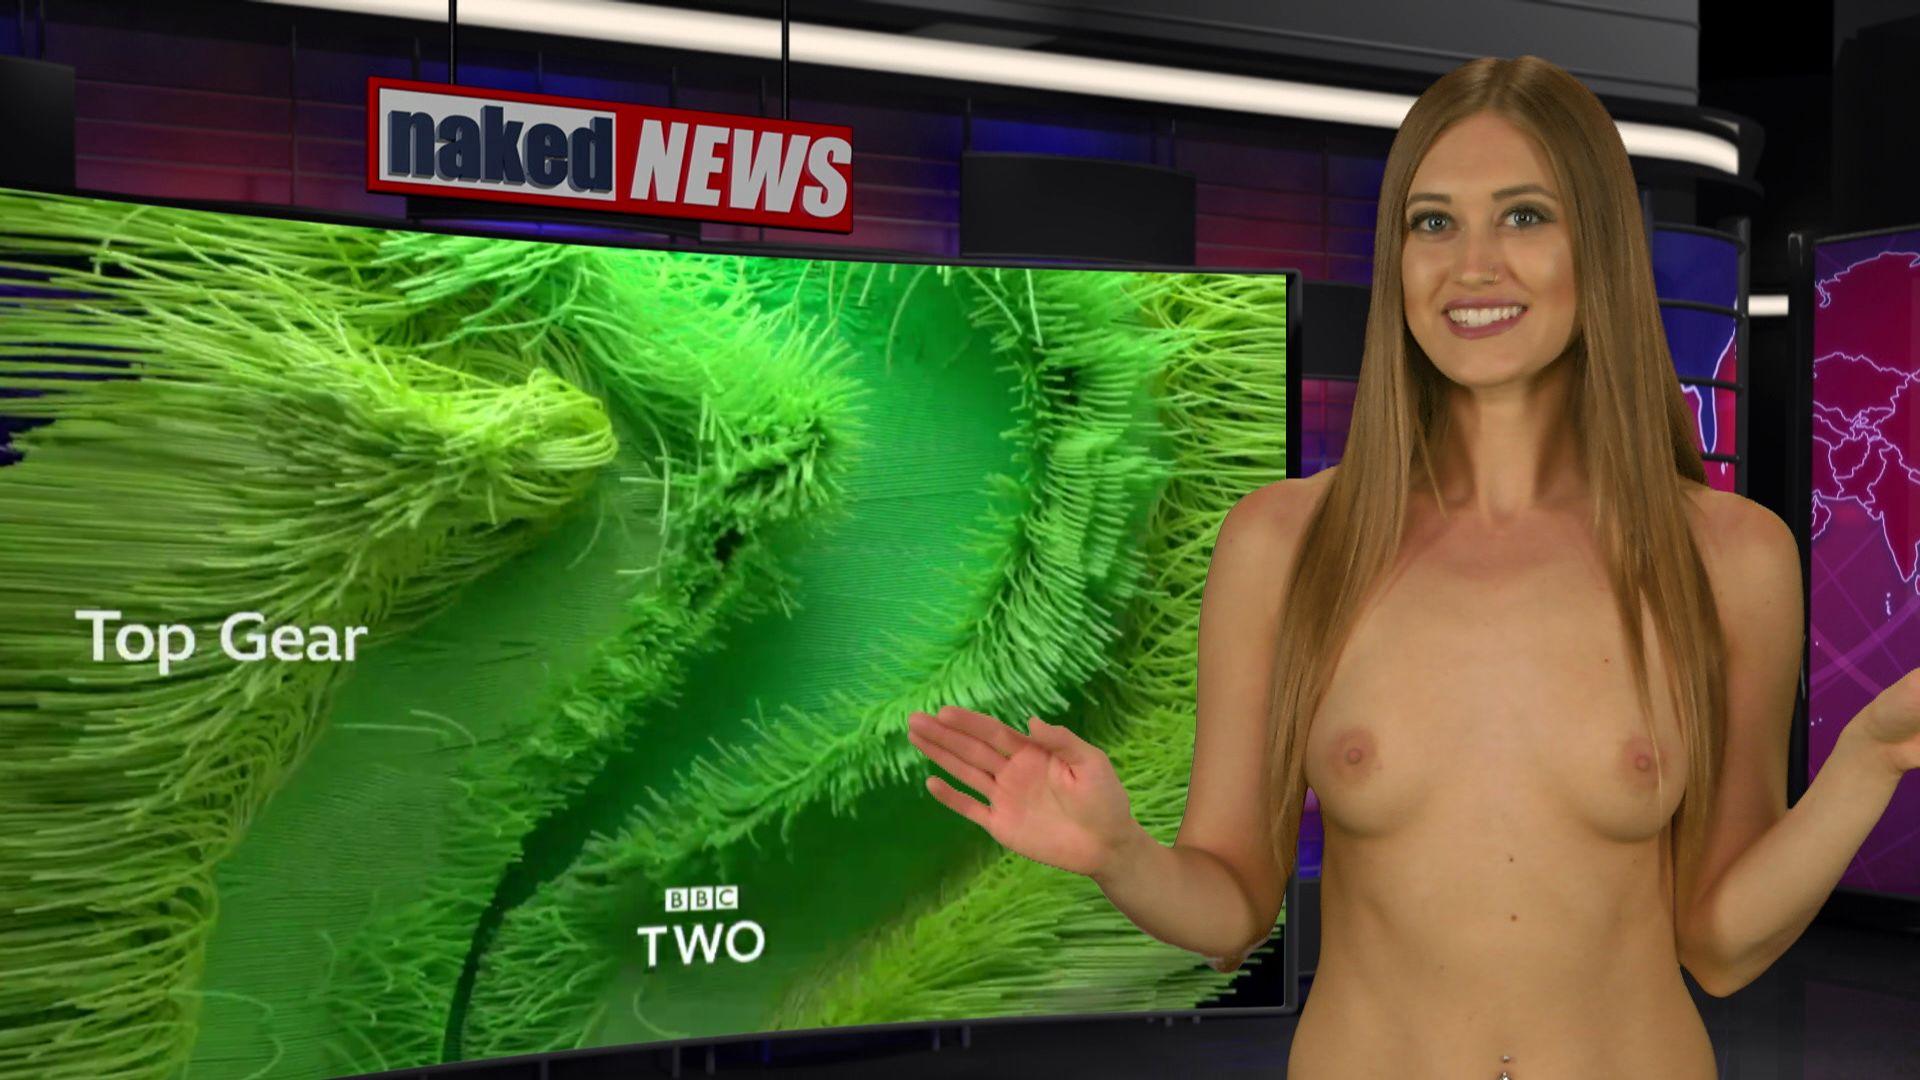 Naked News Anchors Italian